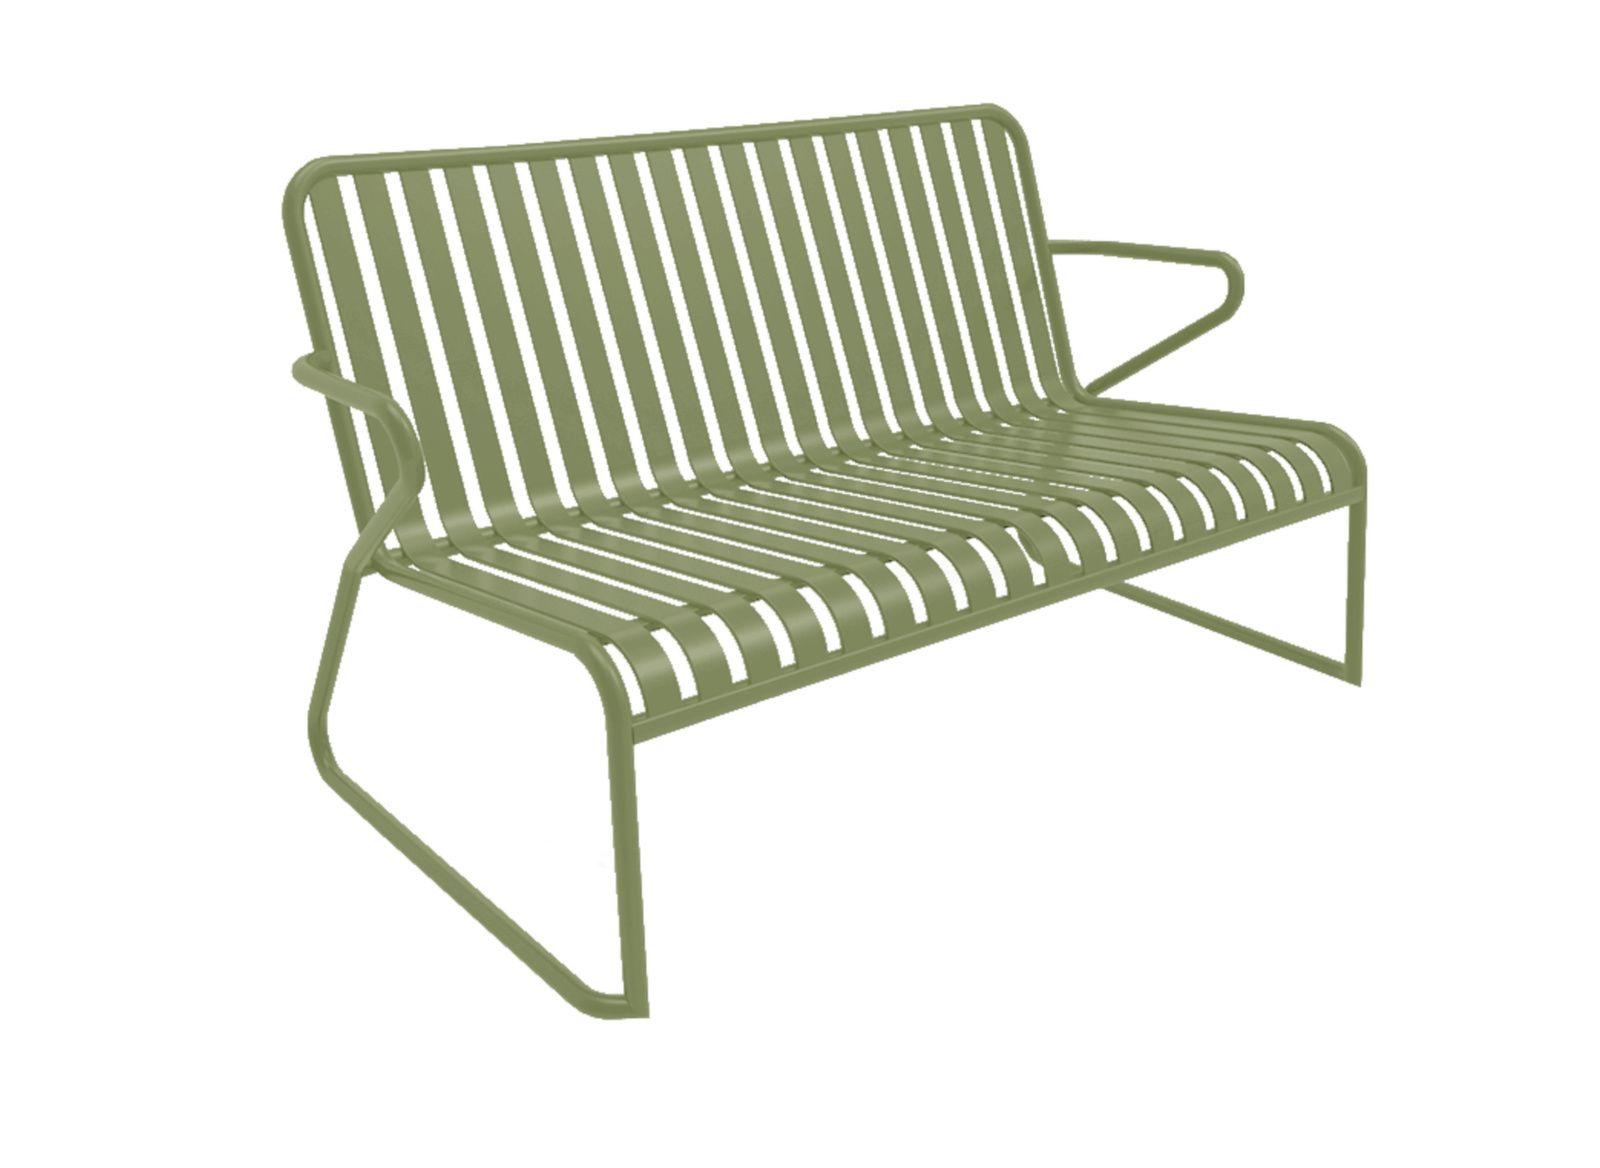 Ensemble complet Vero (2 fauteuils + 1 canapé 2 pl + 1 table basse)